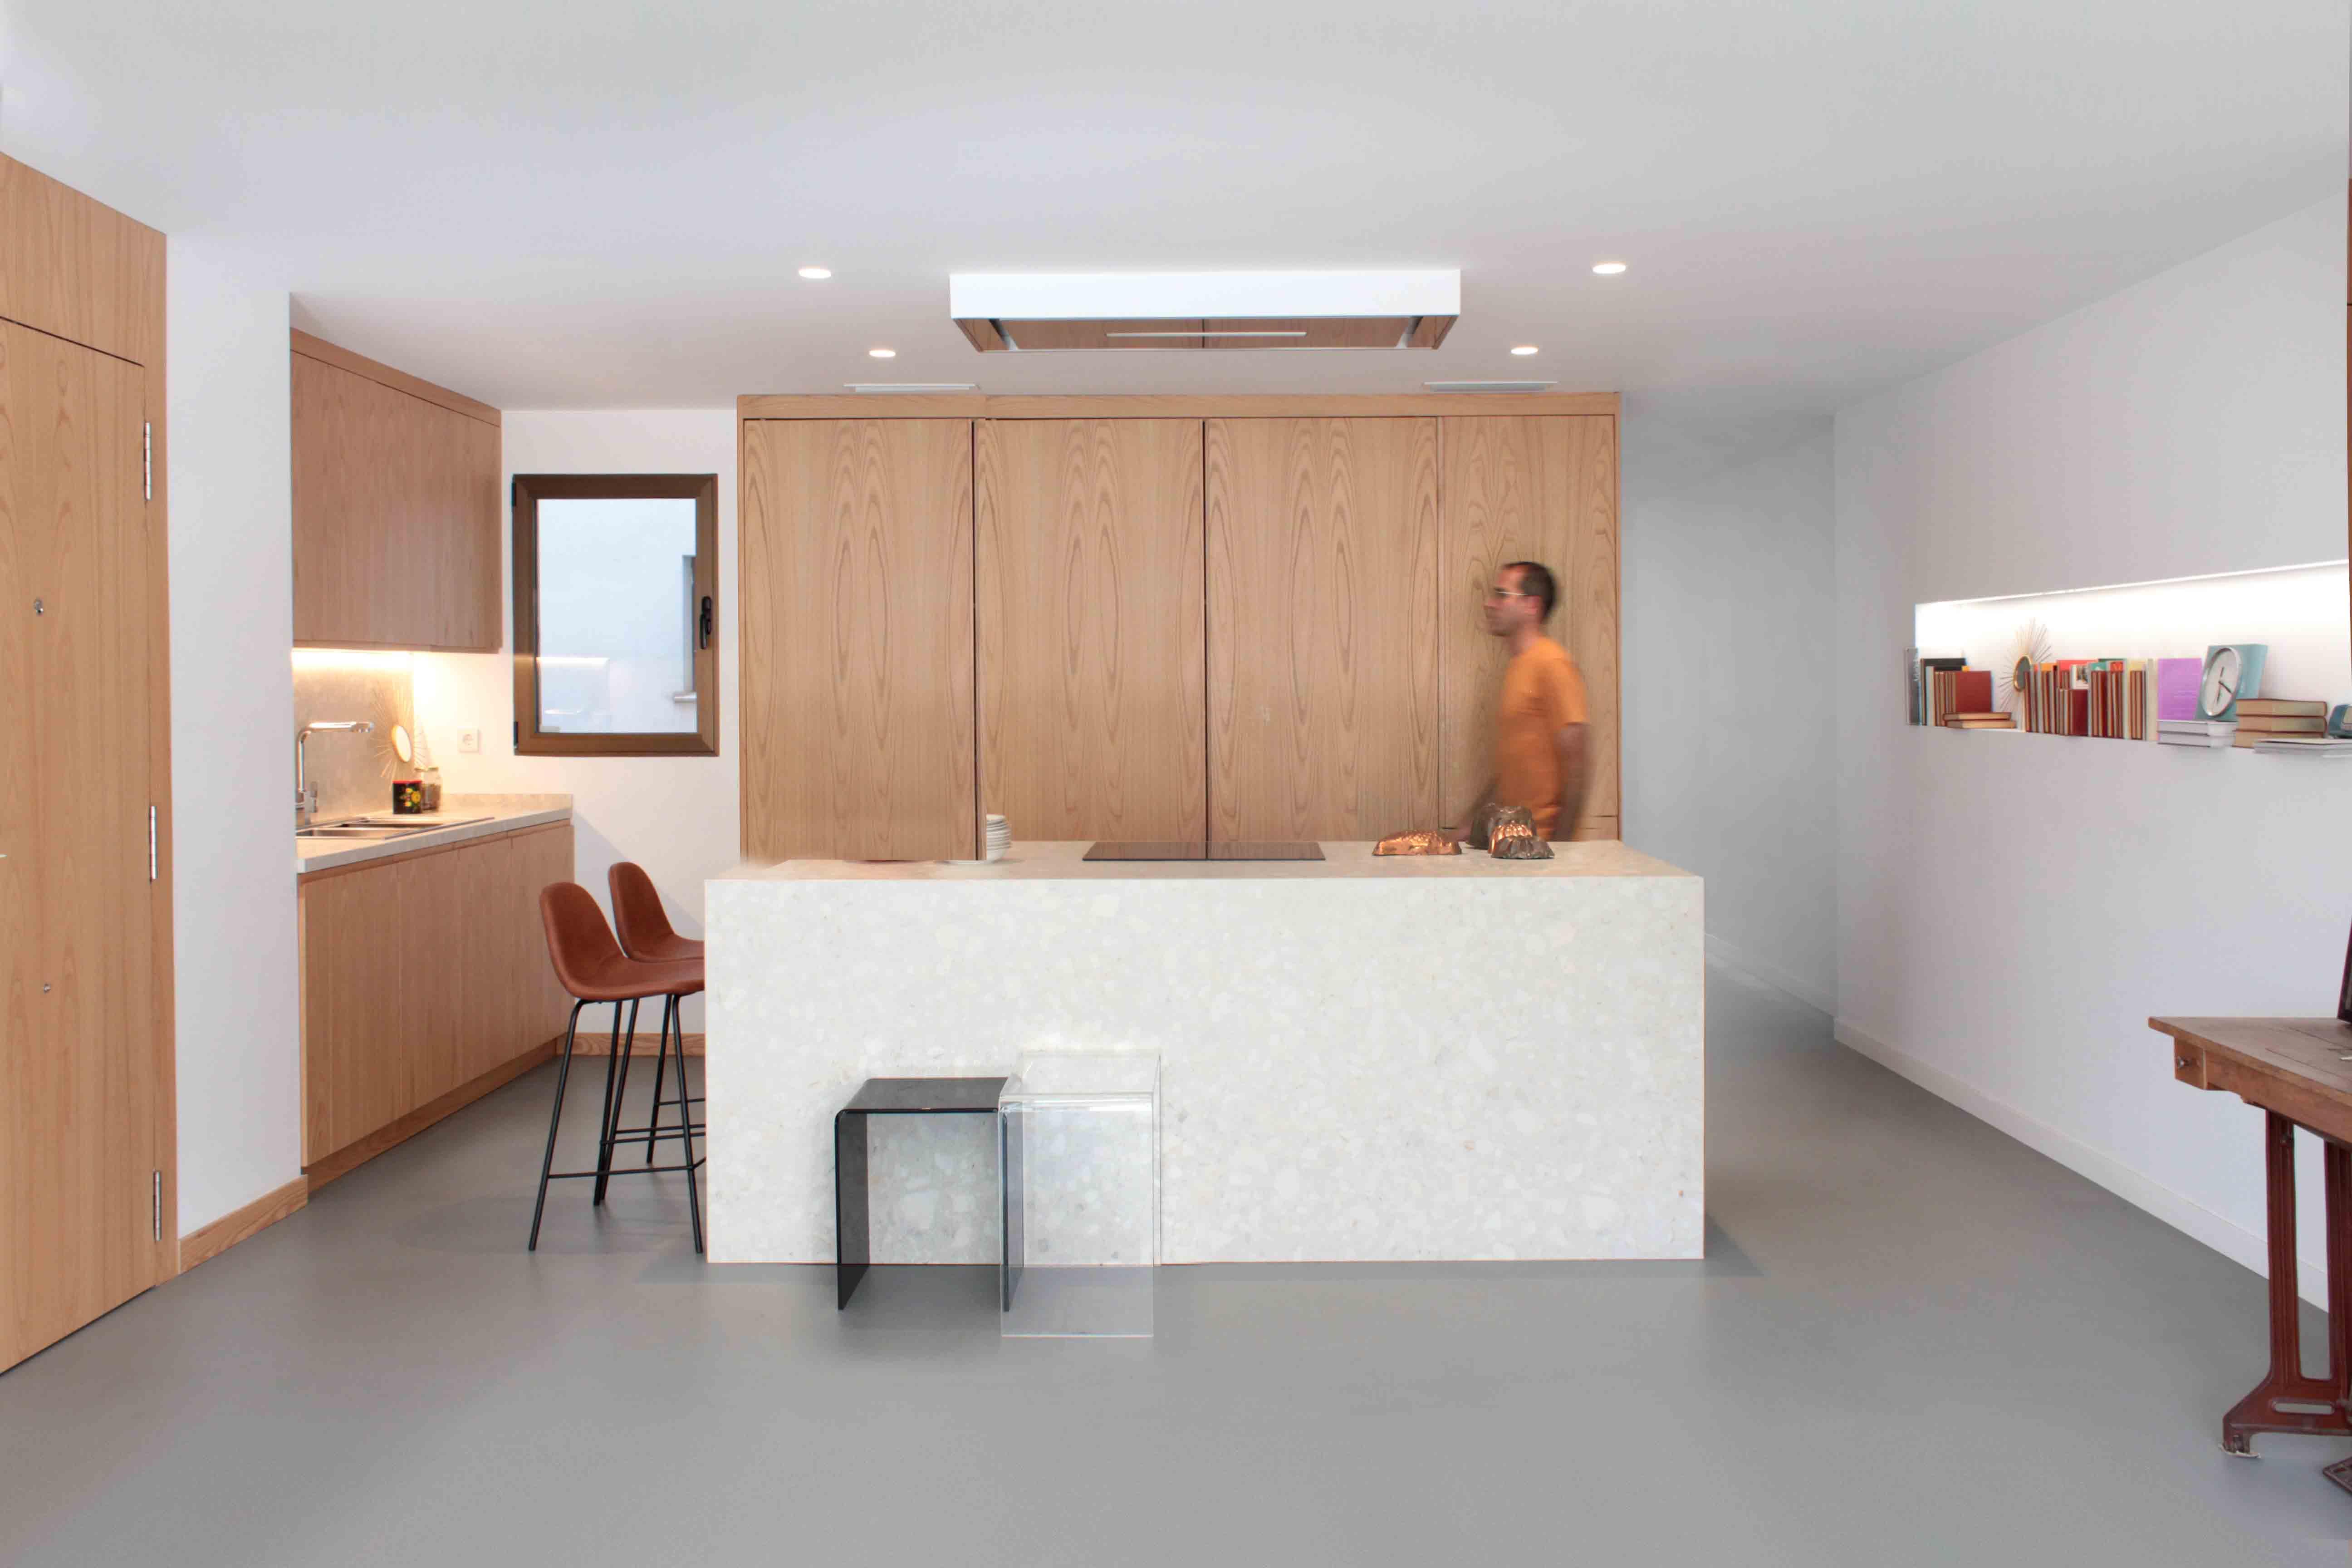 Vista general de la cocina de la vivienda